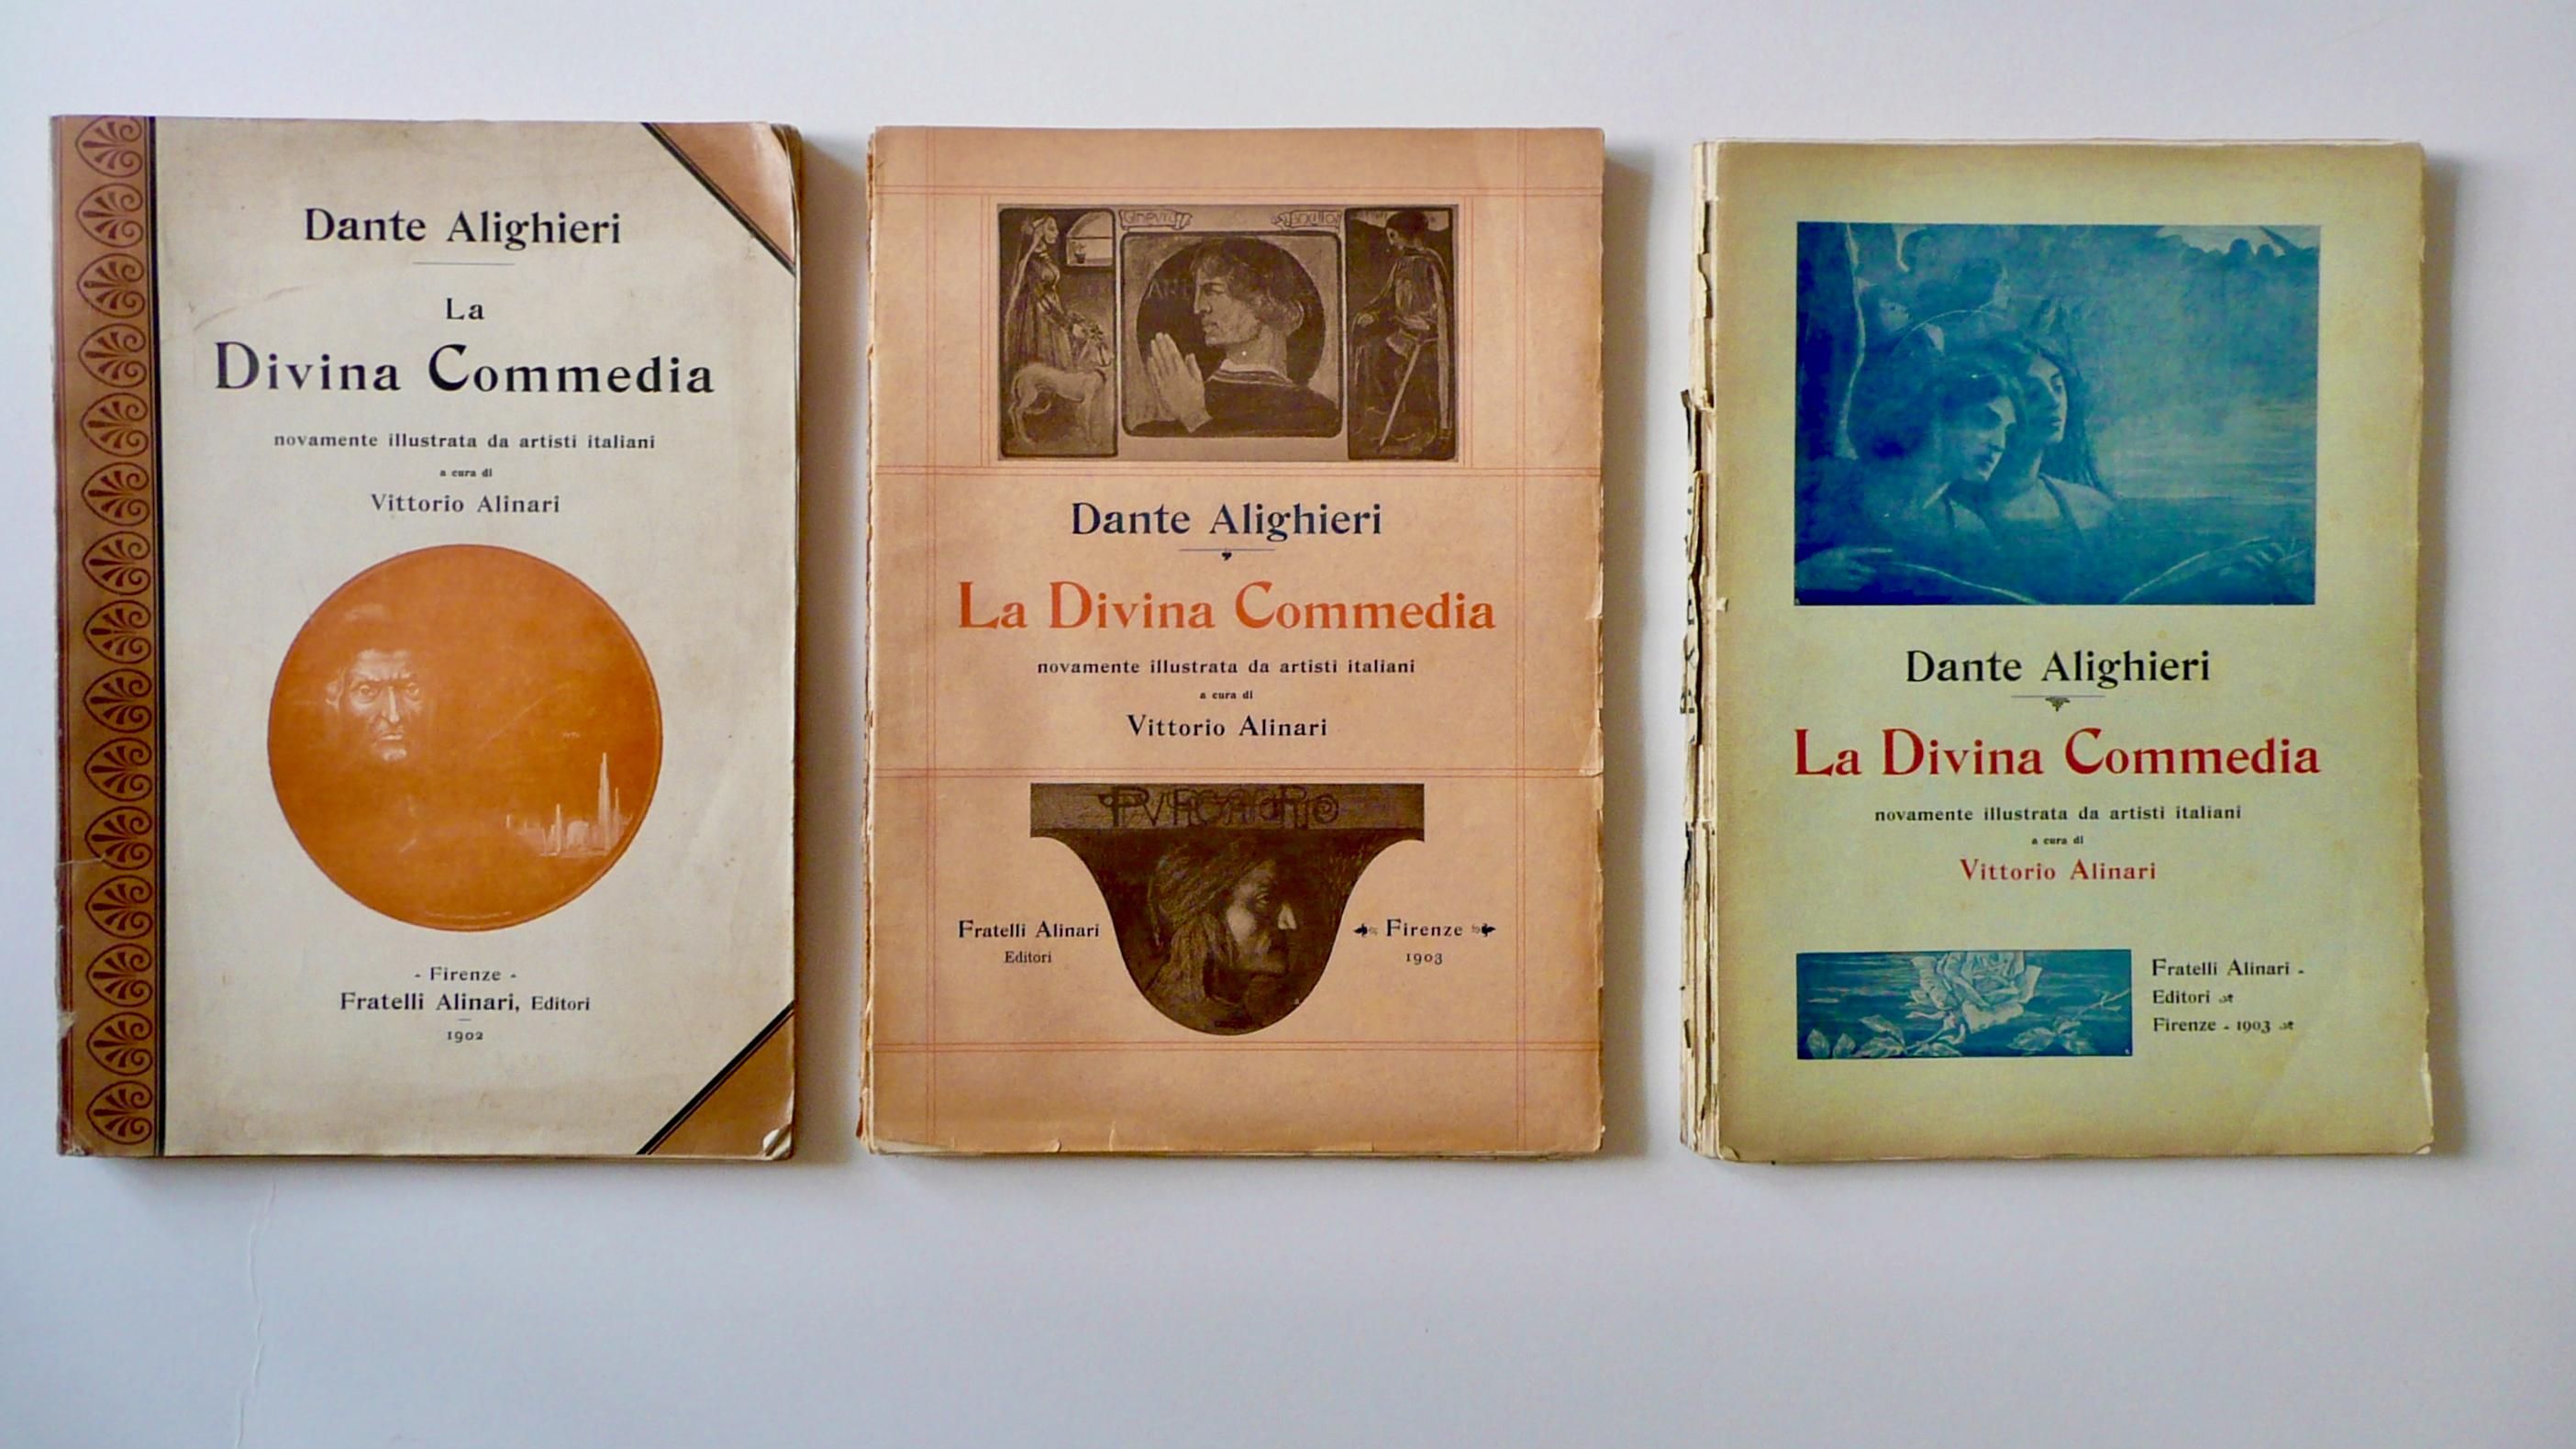 La Divina Commedia nuovamente illustrata da artisti italiani, Edizione Alinari, 1902-1903, Copertine delle tre cantiche